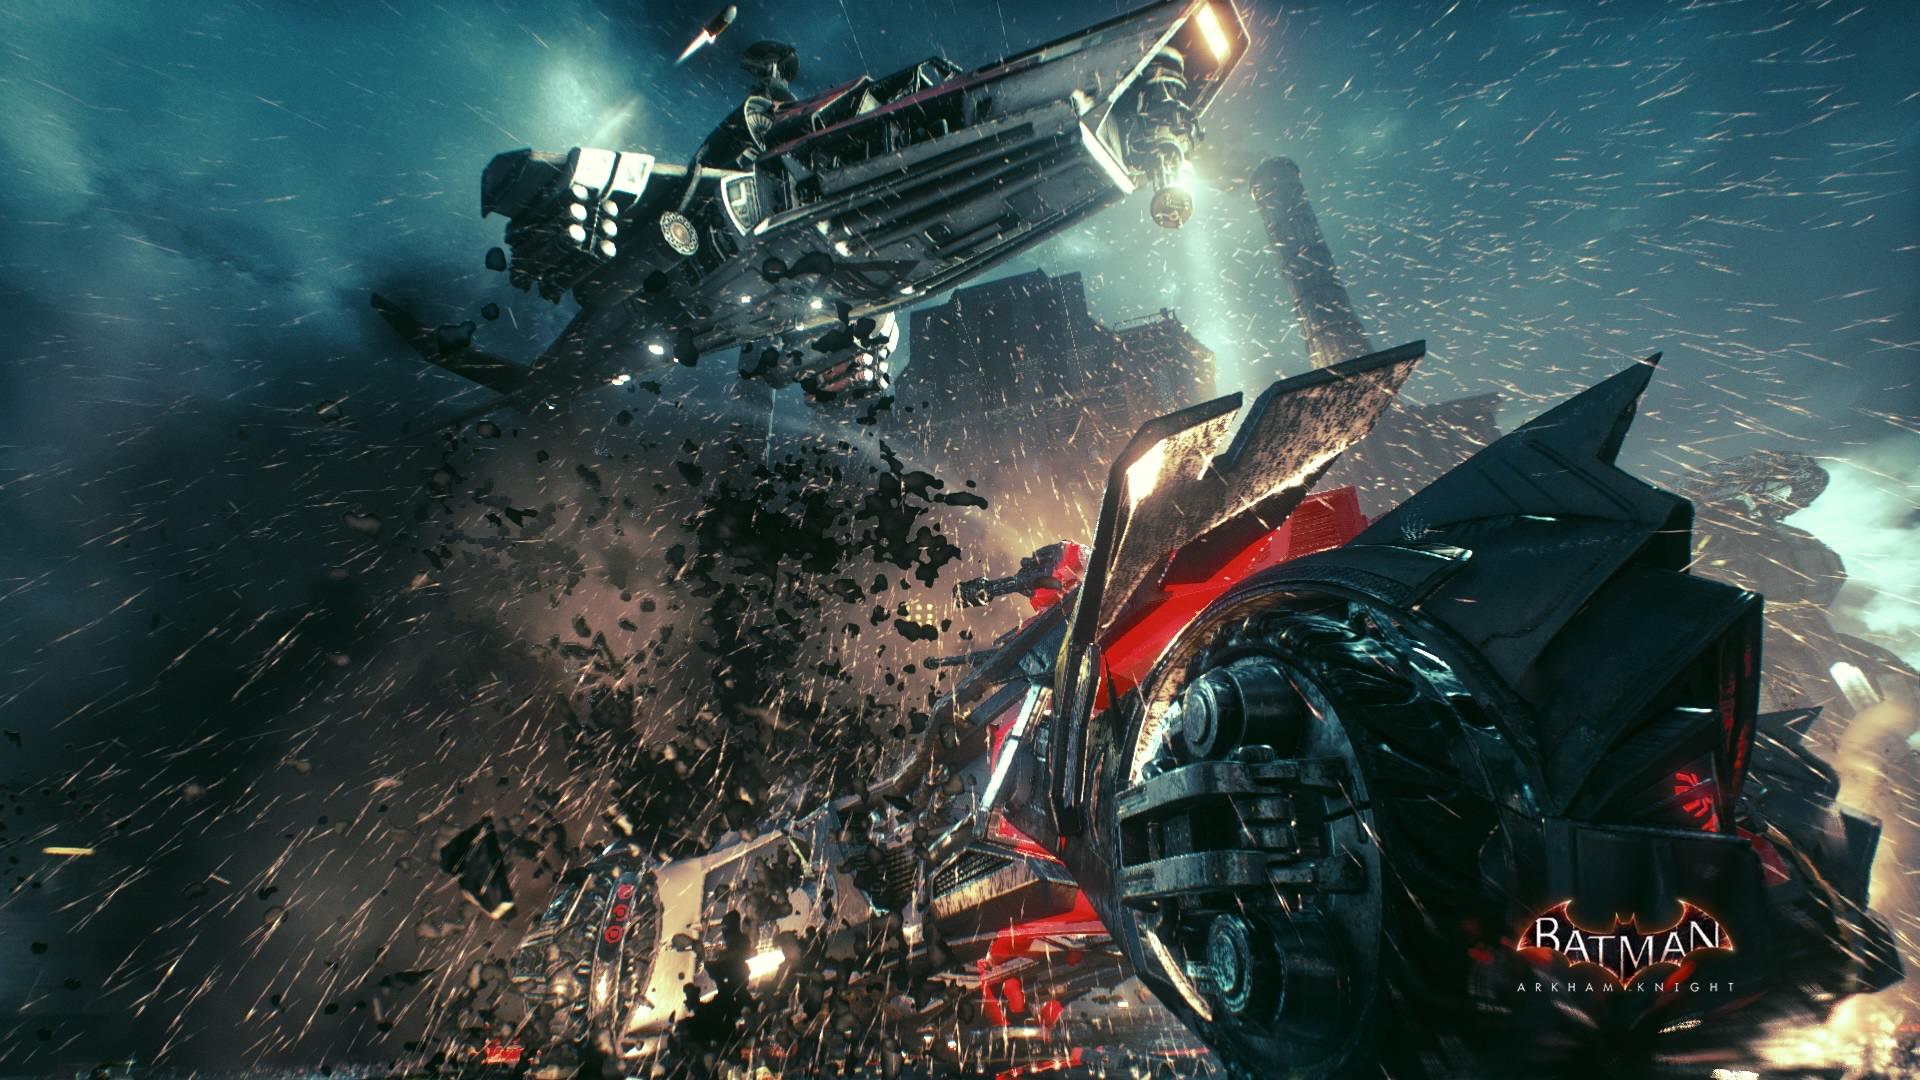 Бэтмен™_ Рыцарь Аркхема_20200213195551.jpg - Batman: Arkham Knight